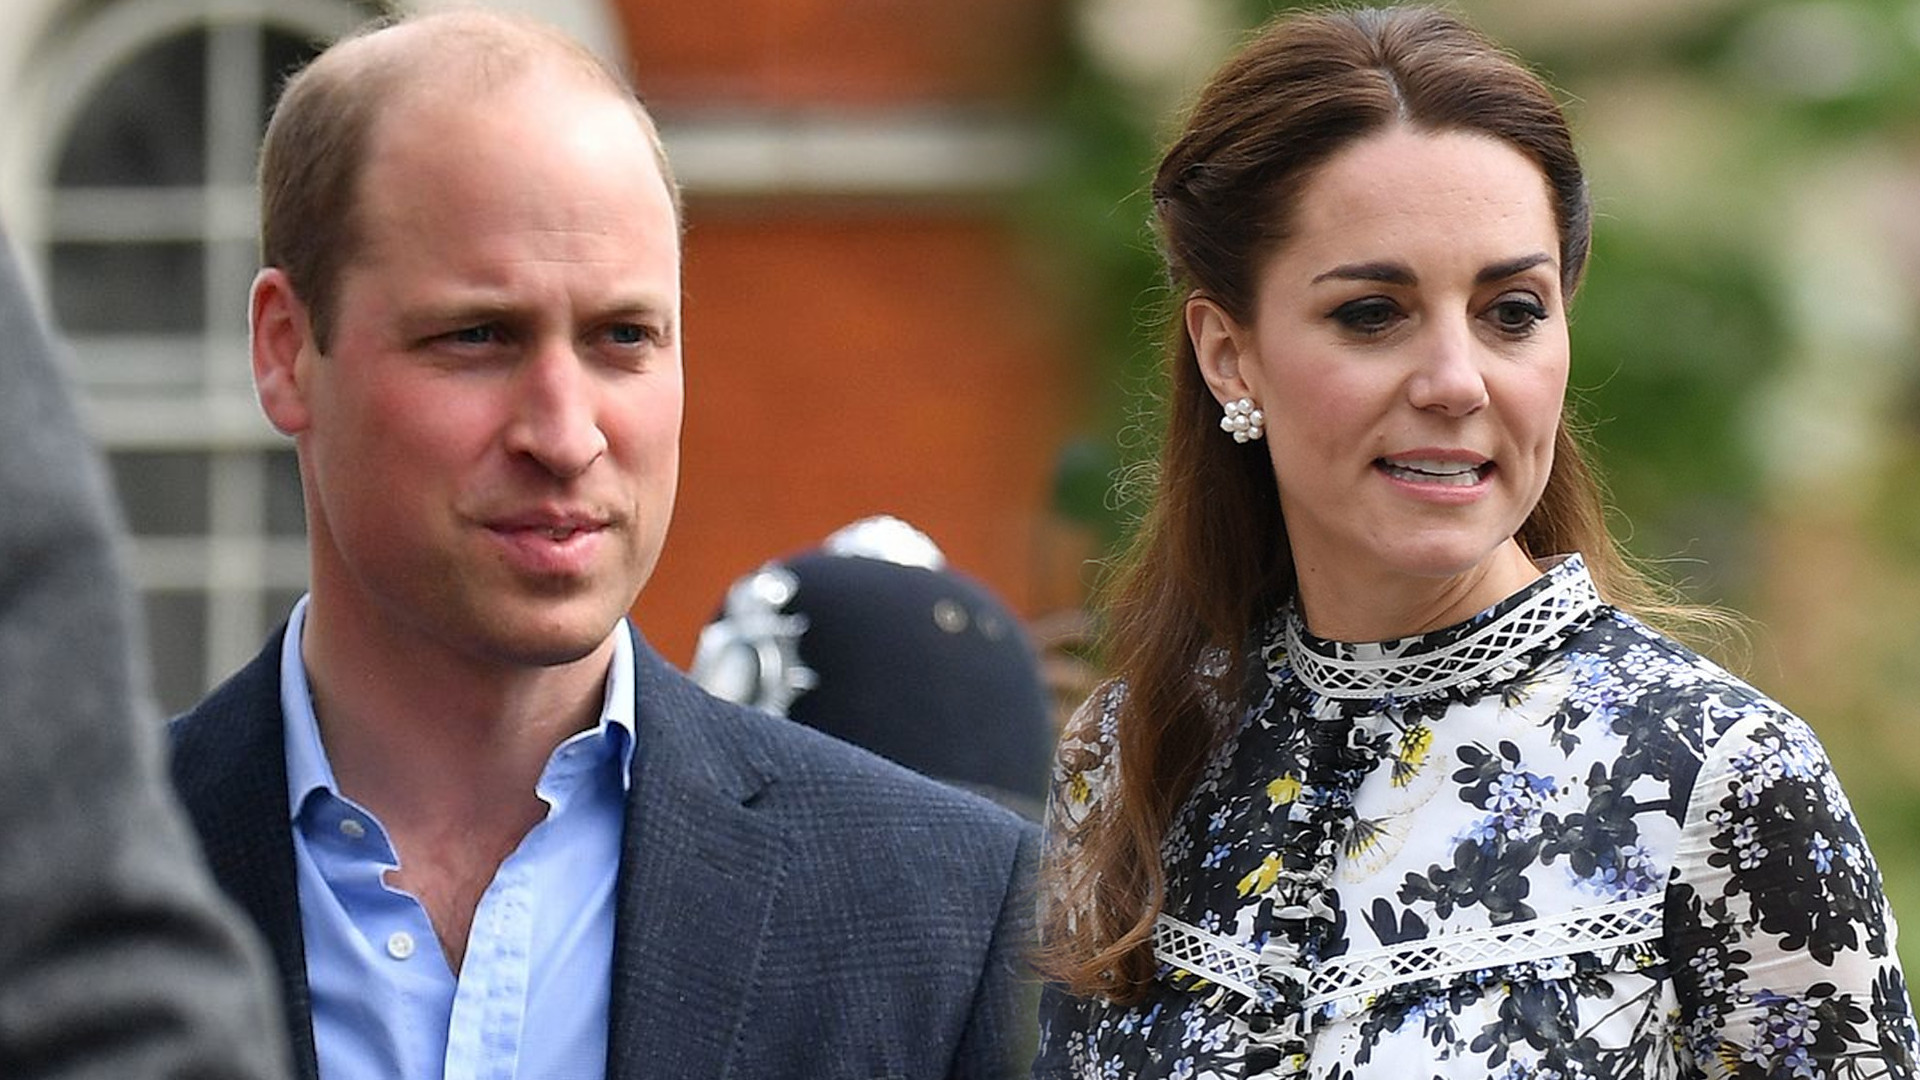 Przyjaciółka księżnej Kate opowiedziała o NIEPRZYZWOITYM zachowaniu księcia Williama